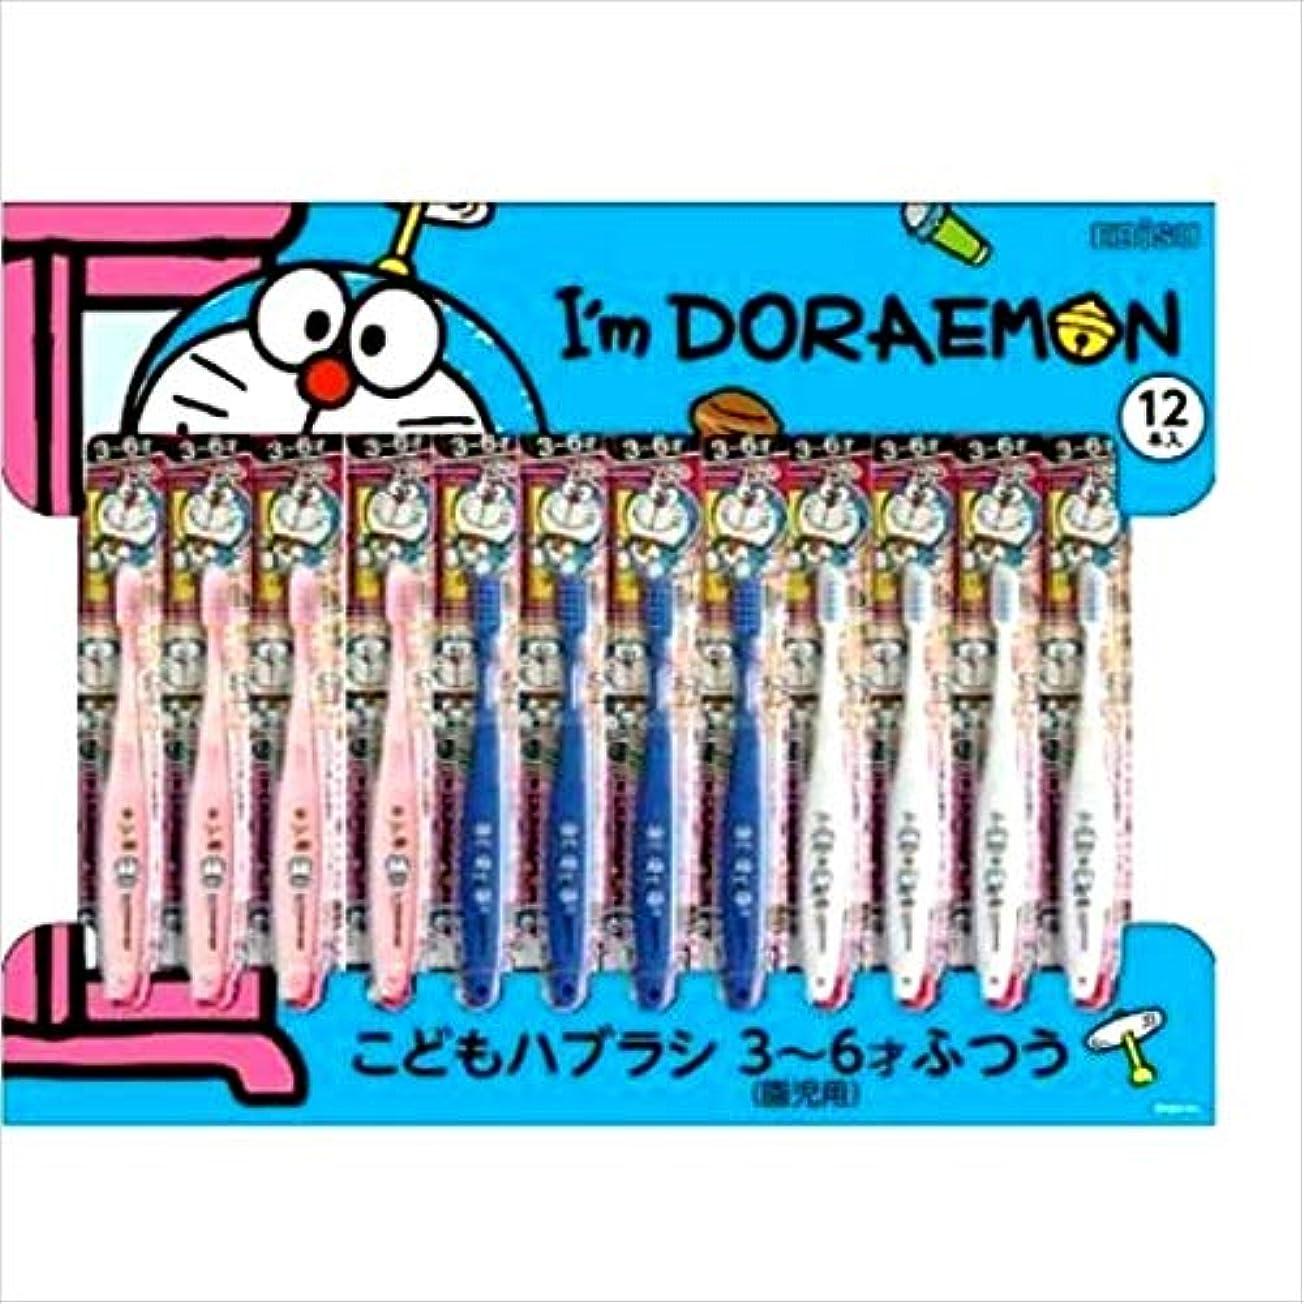 アレイ代理店振るうI'M DORAEMON 子供用 歯ブラシ 12本入り